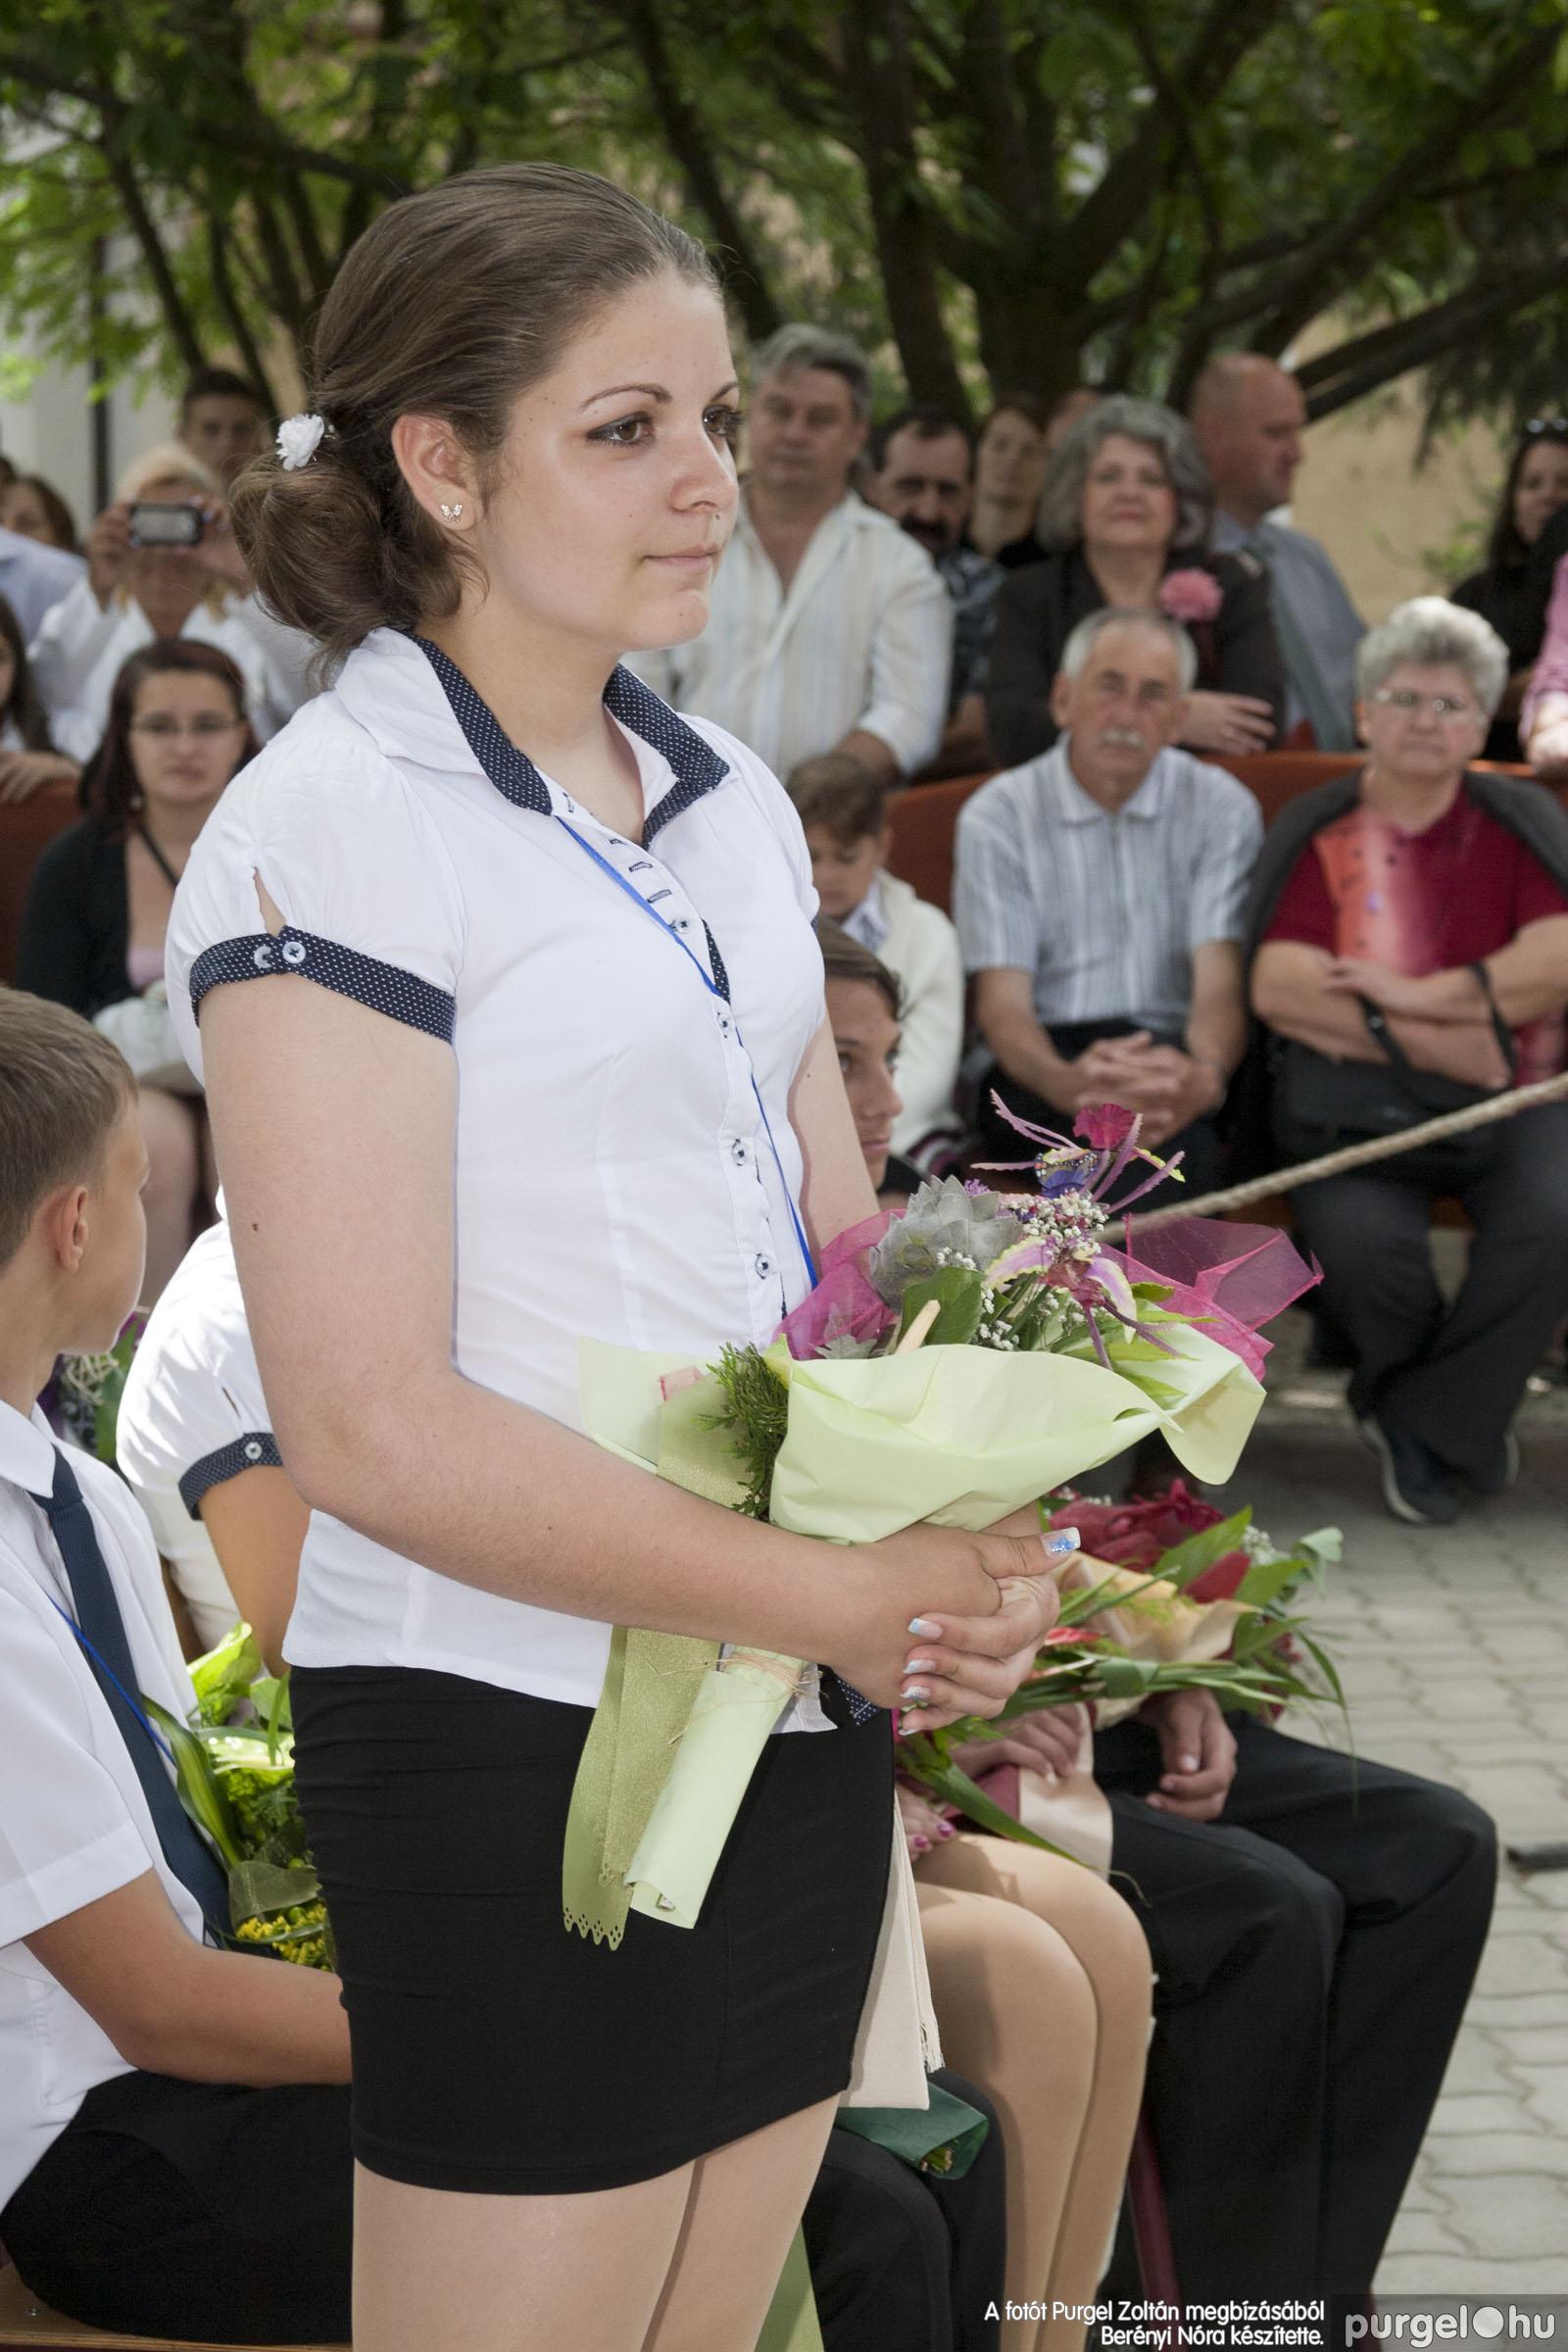 2014.06.14. 232 Forray Máté Általános Iskola ballagás 2014. - Fotó:BERÉNYI NÓRA© _MG_5886.jpg